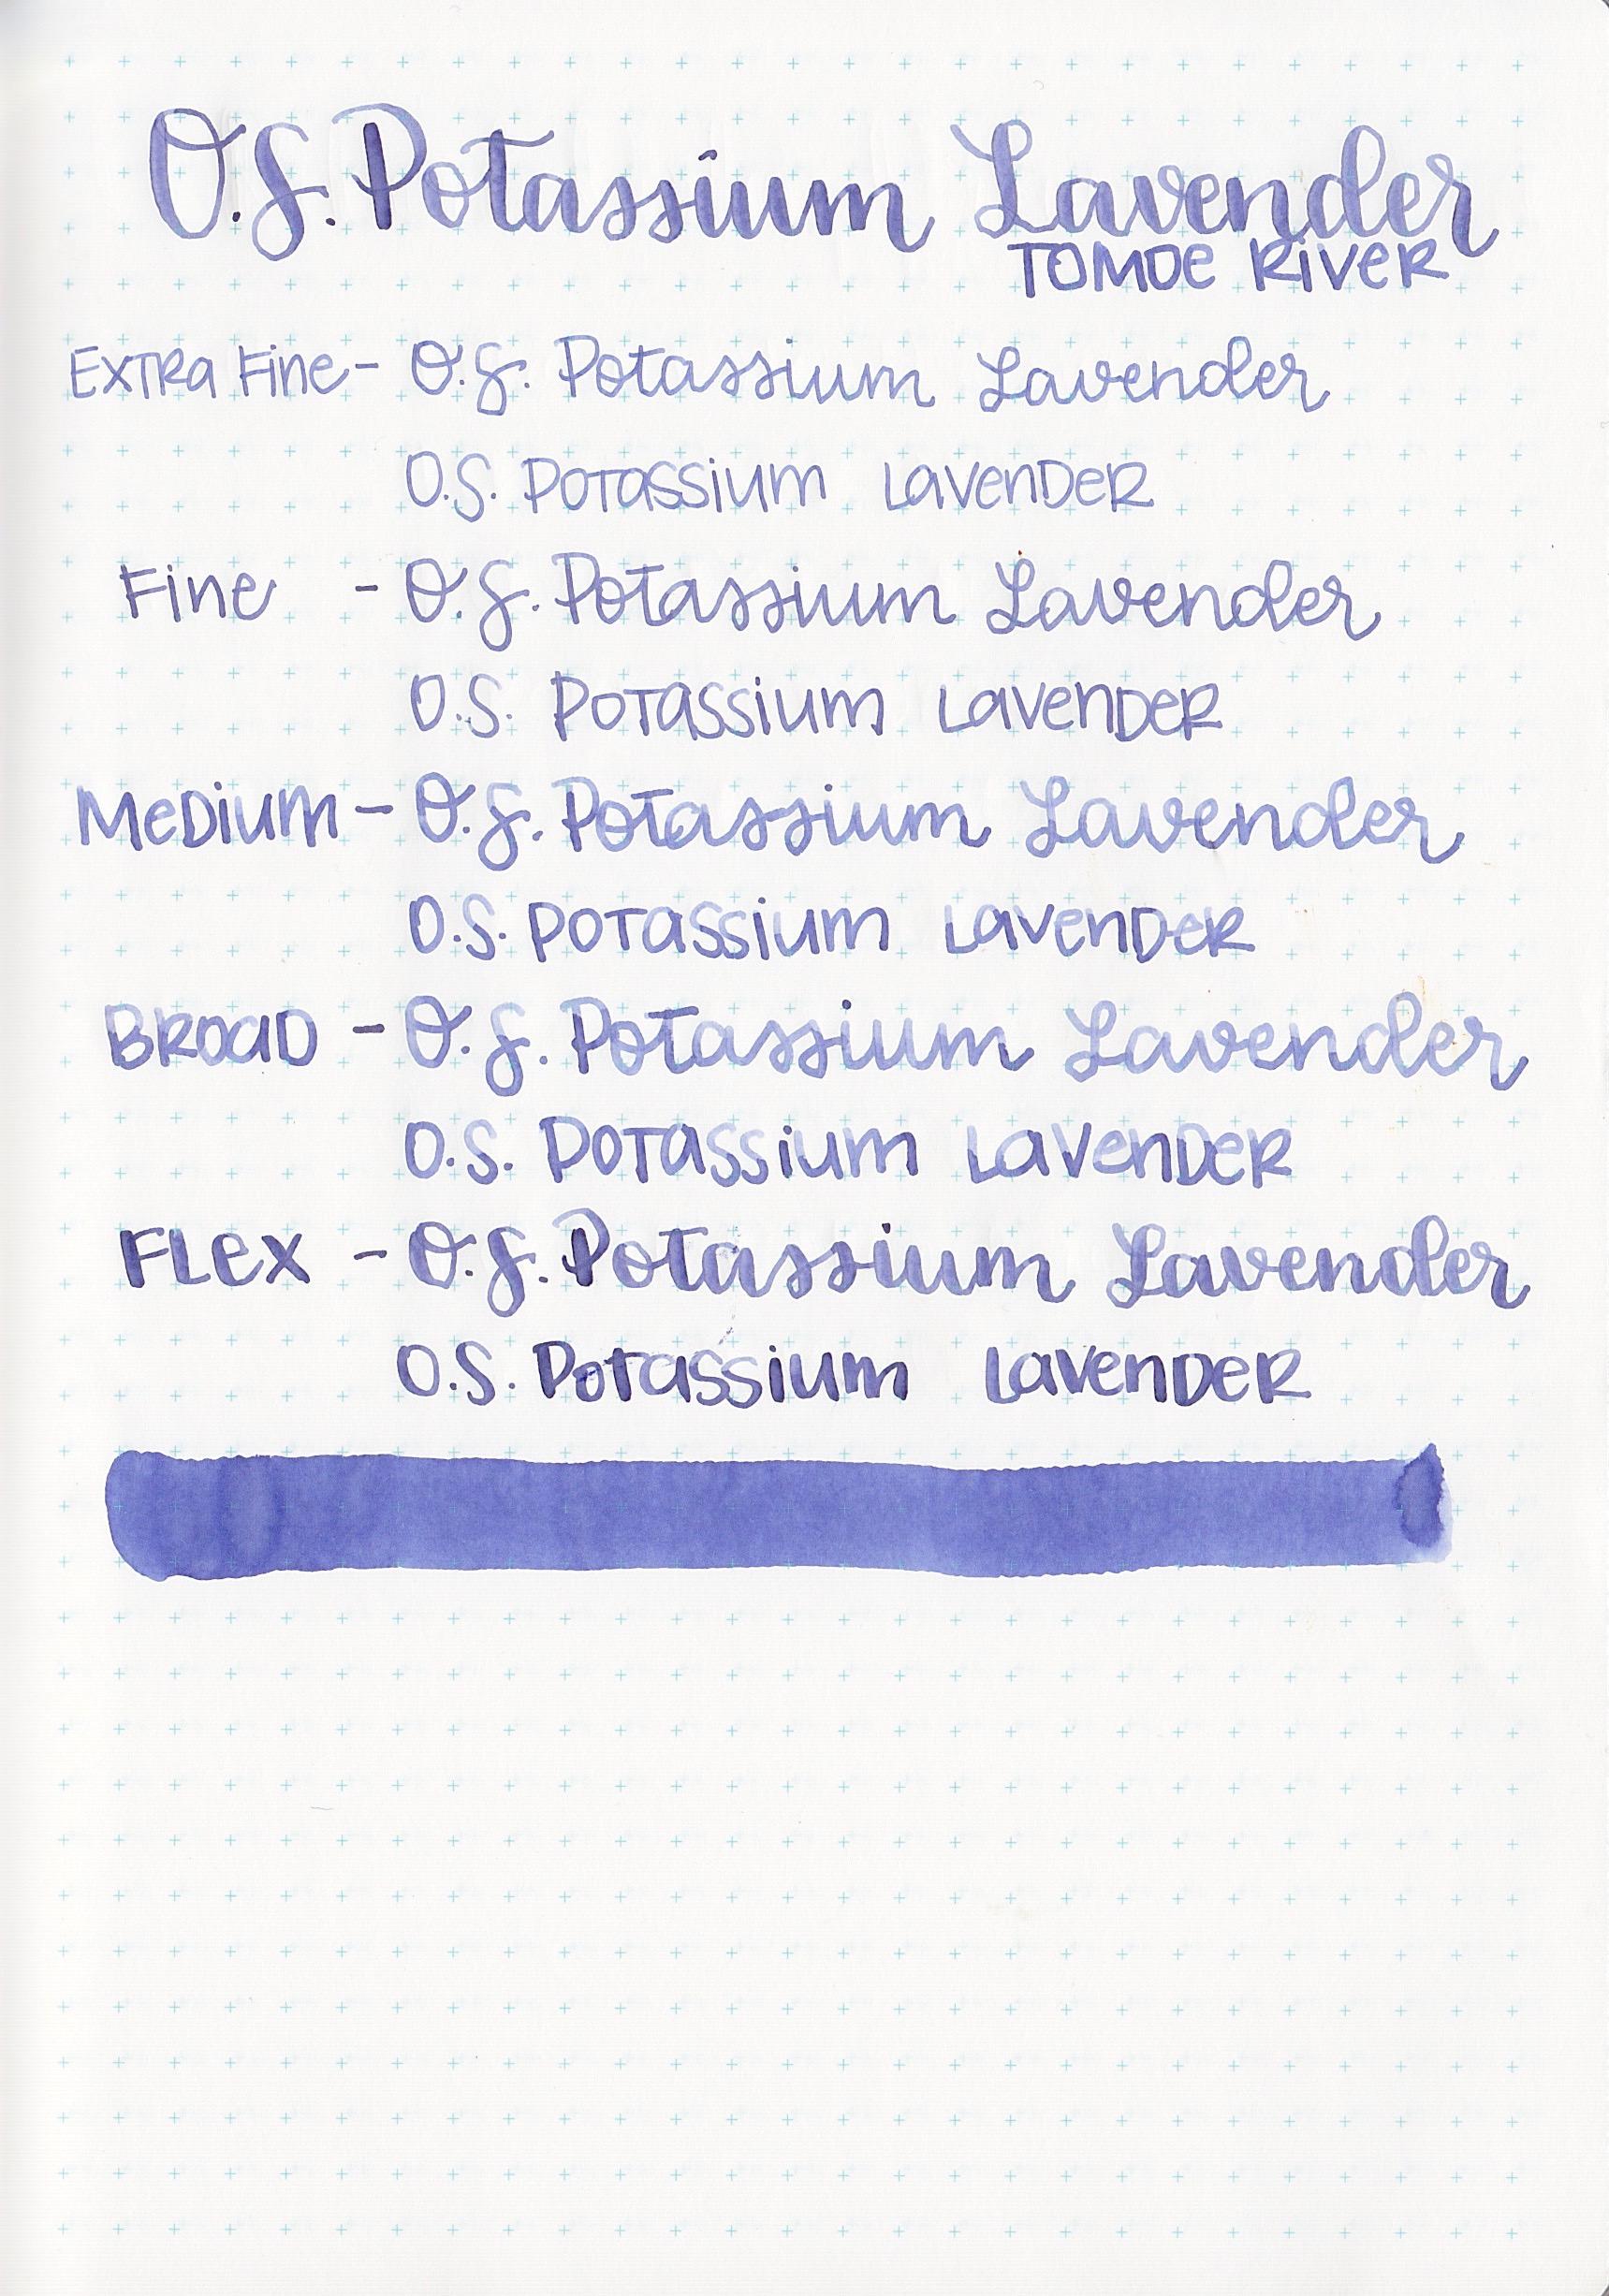 OSPotassiumLavender - 9.jpg